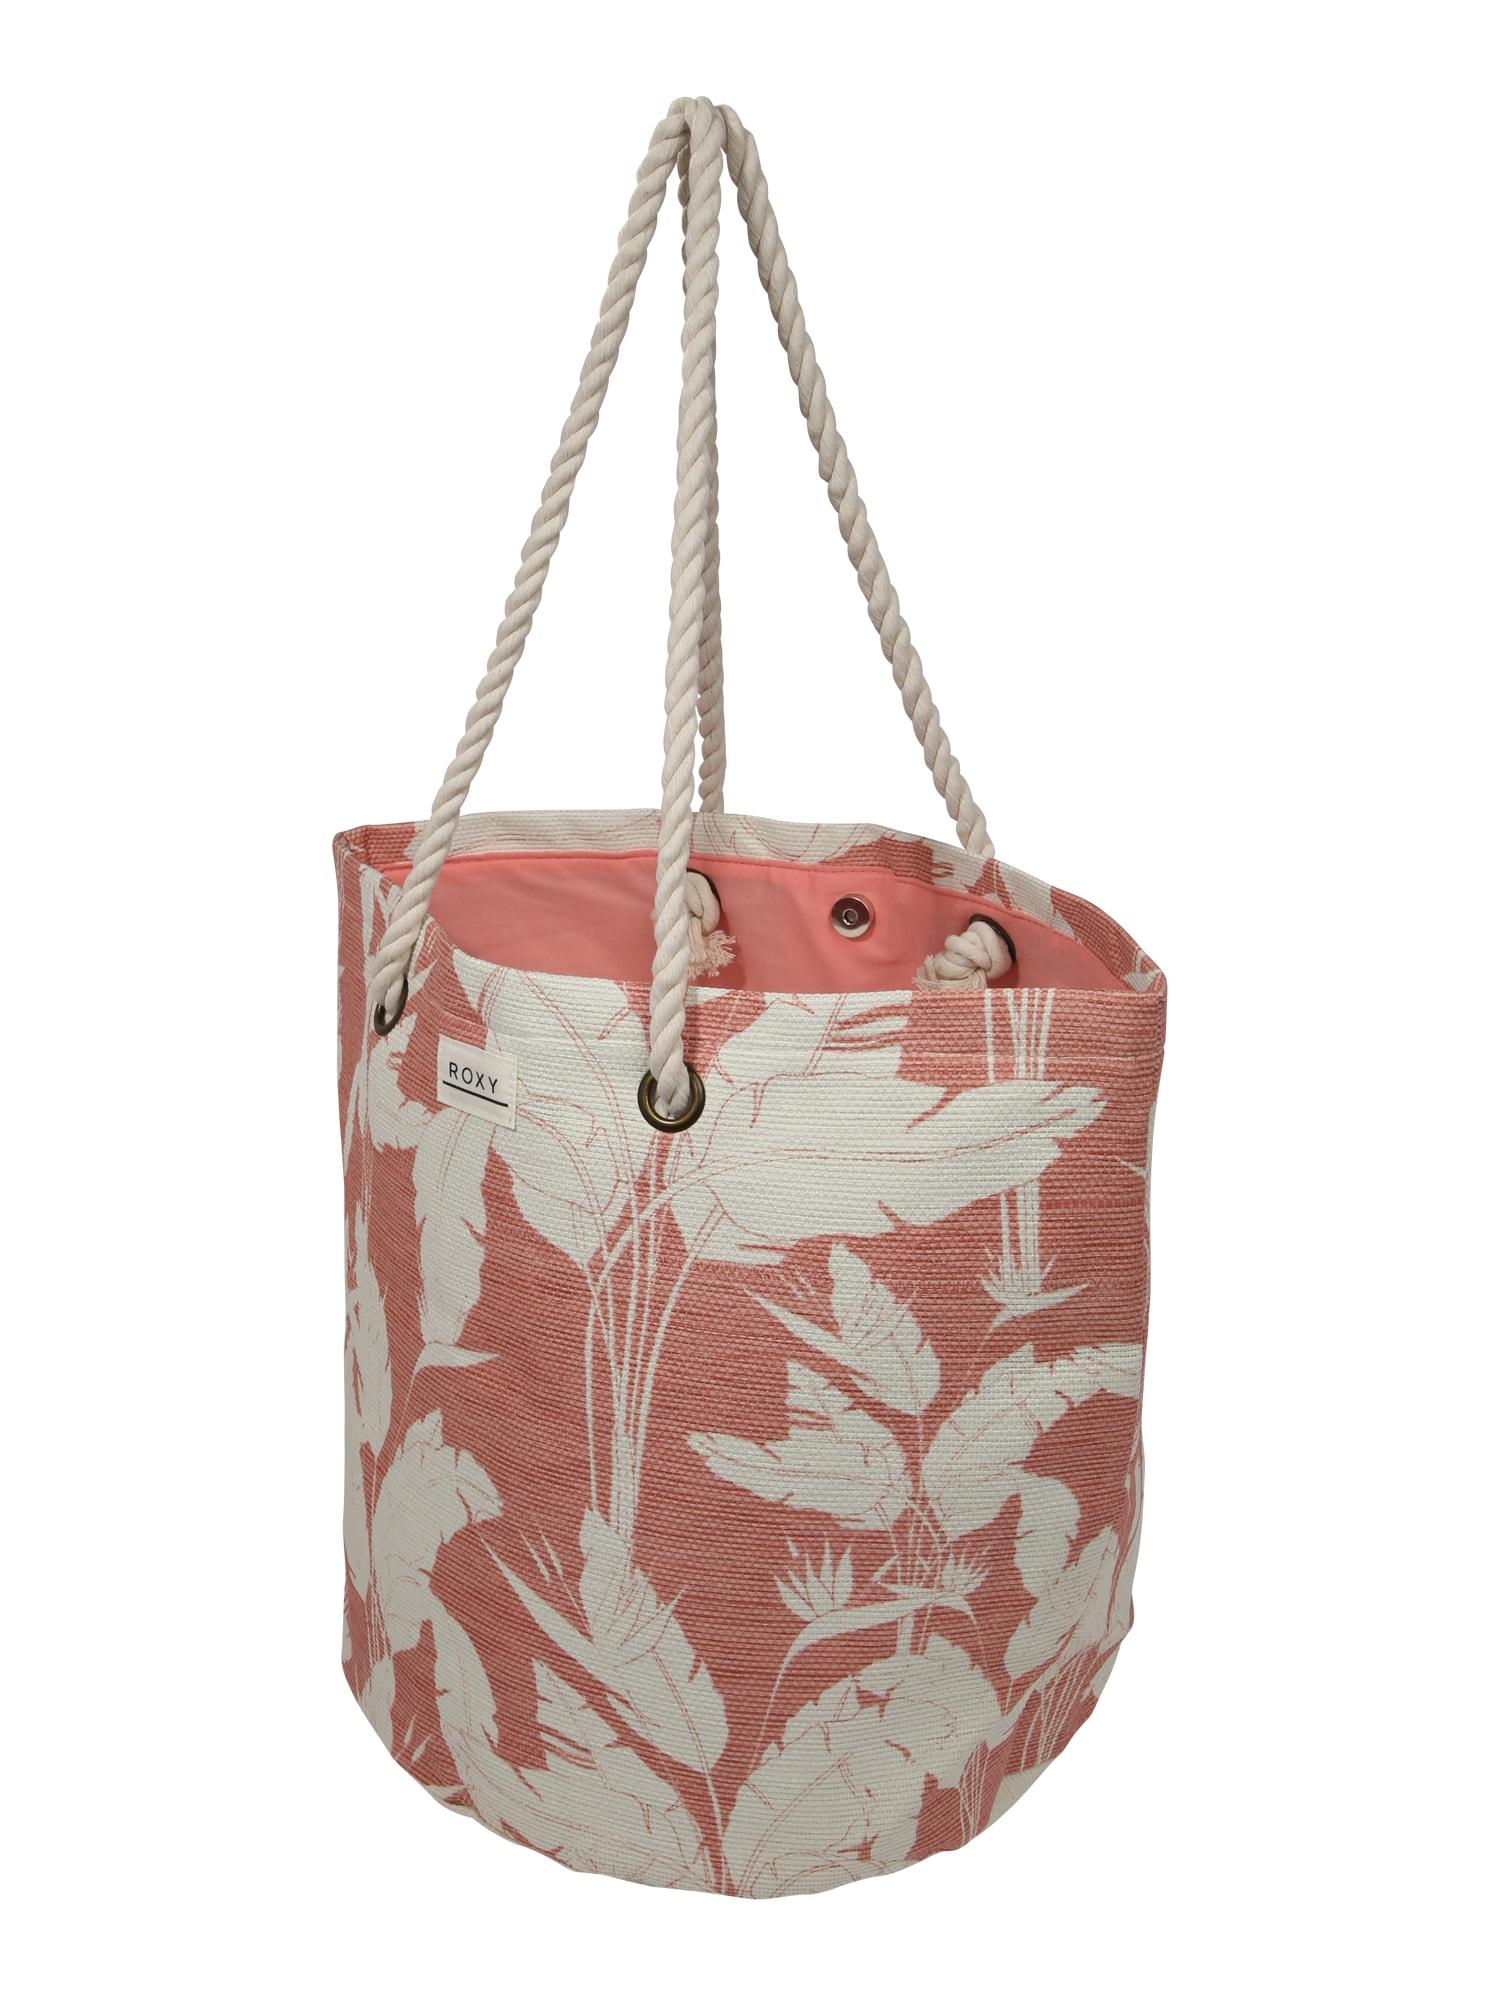 ROXY Paplūdimio krepšys 'SUNSEEKER J TOTE' rožių spalva / balta